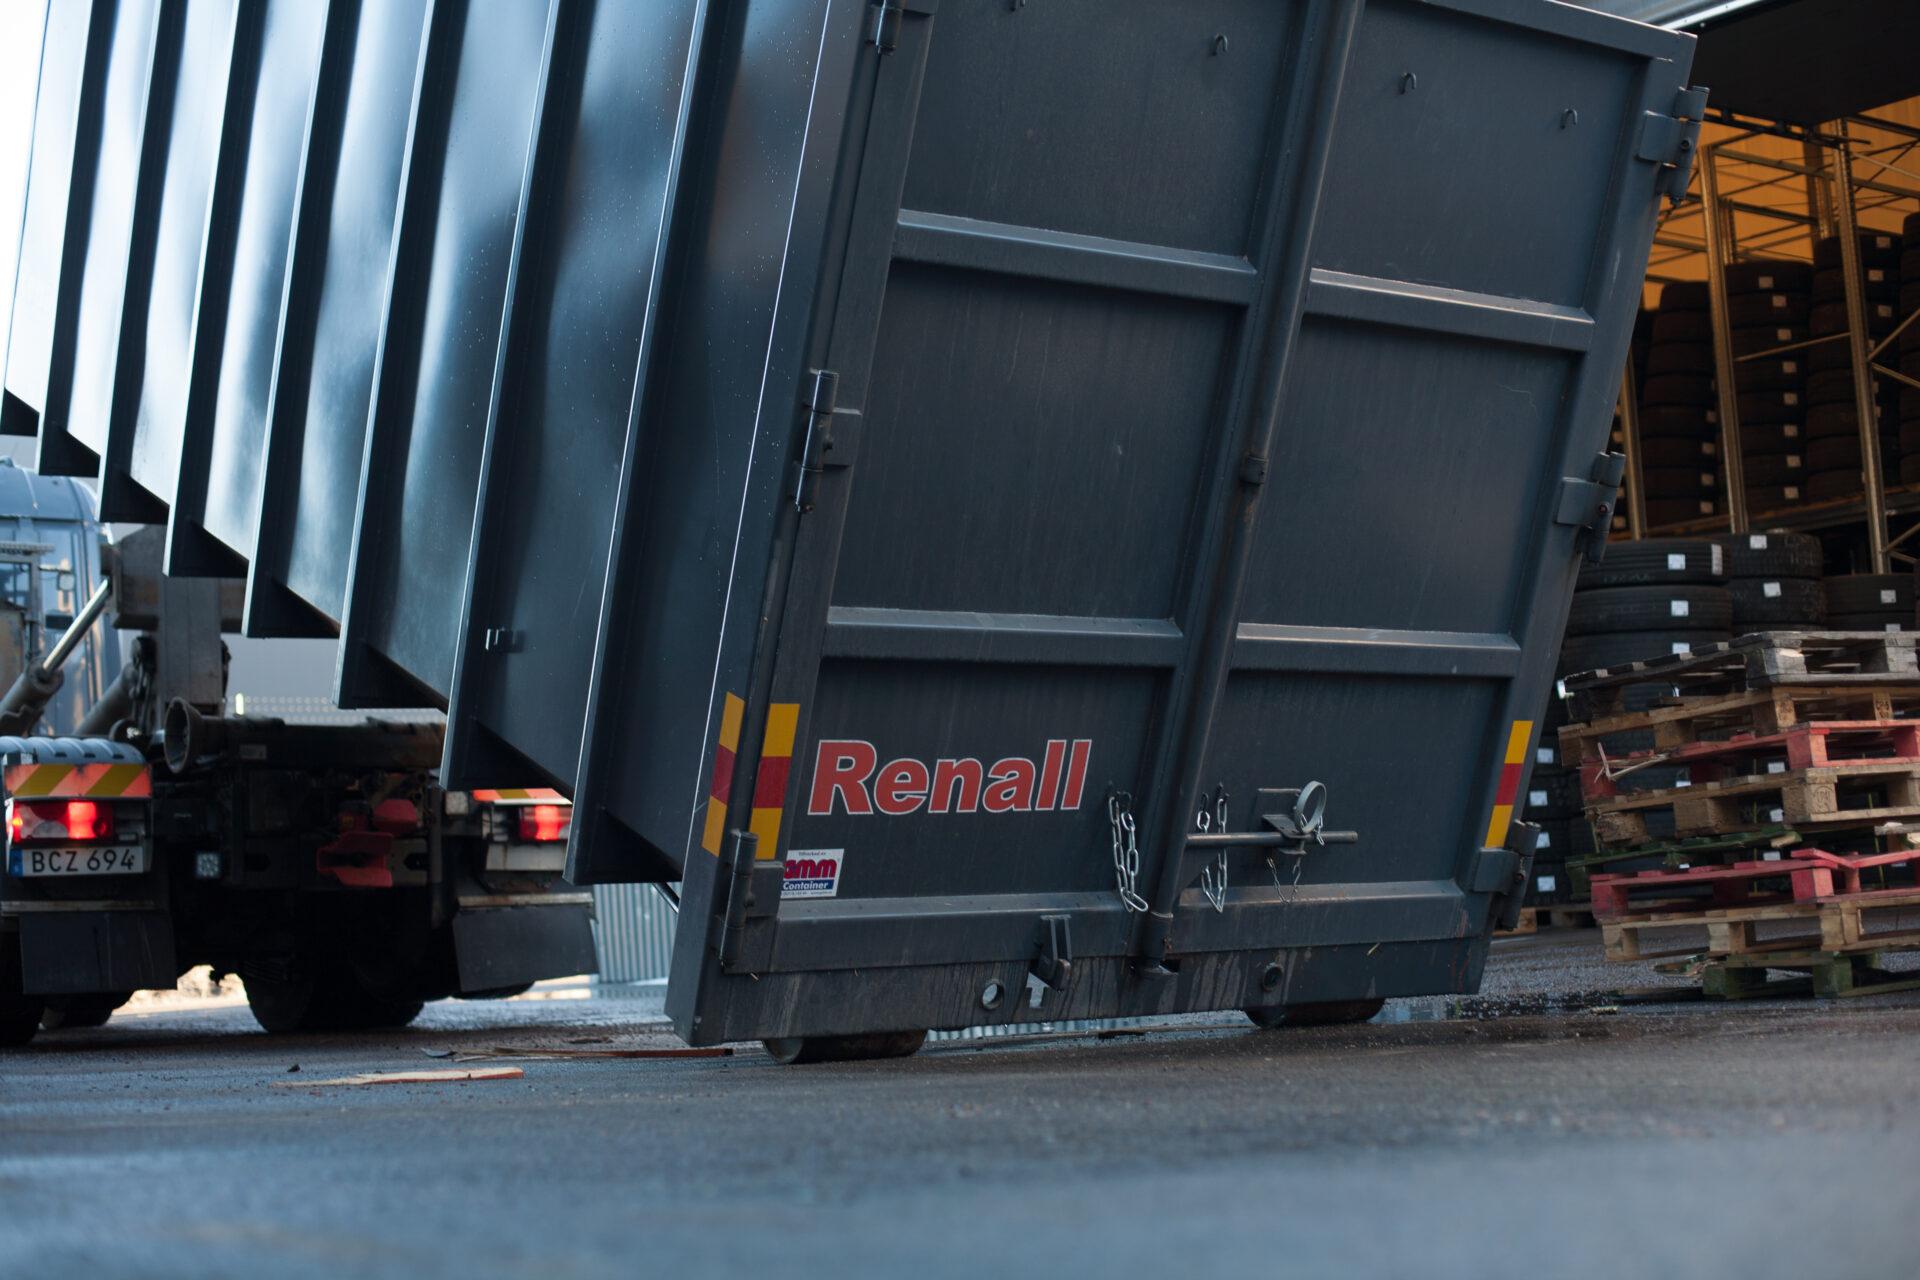 Hyr container av Renall. Lossning av container på lastplats.